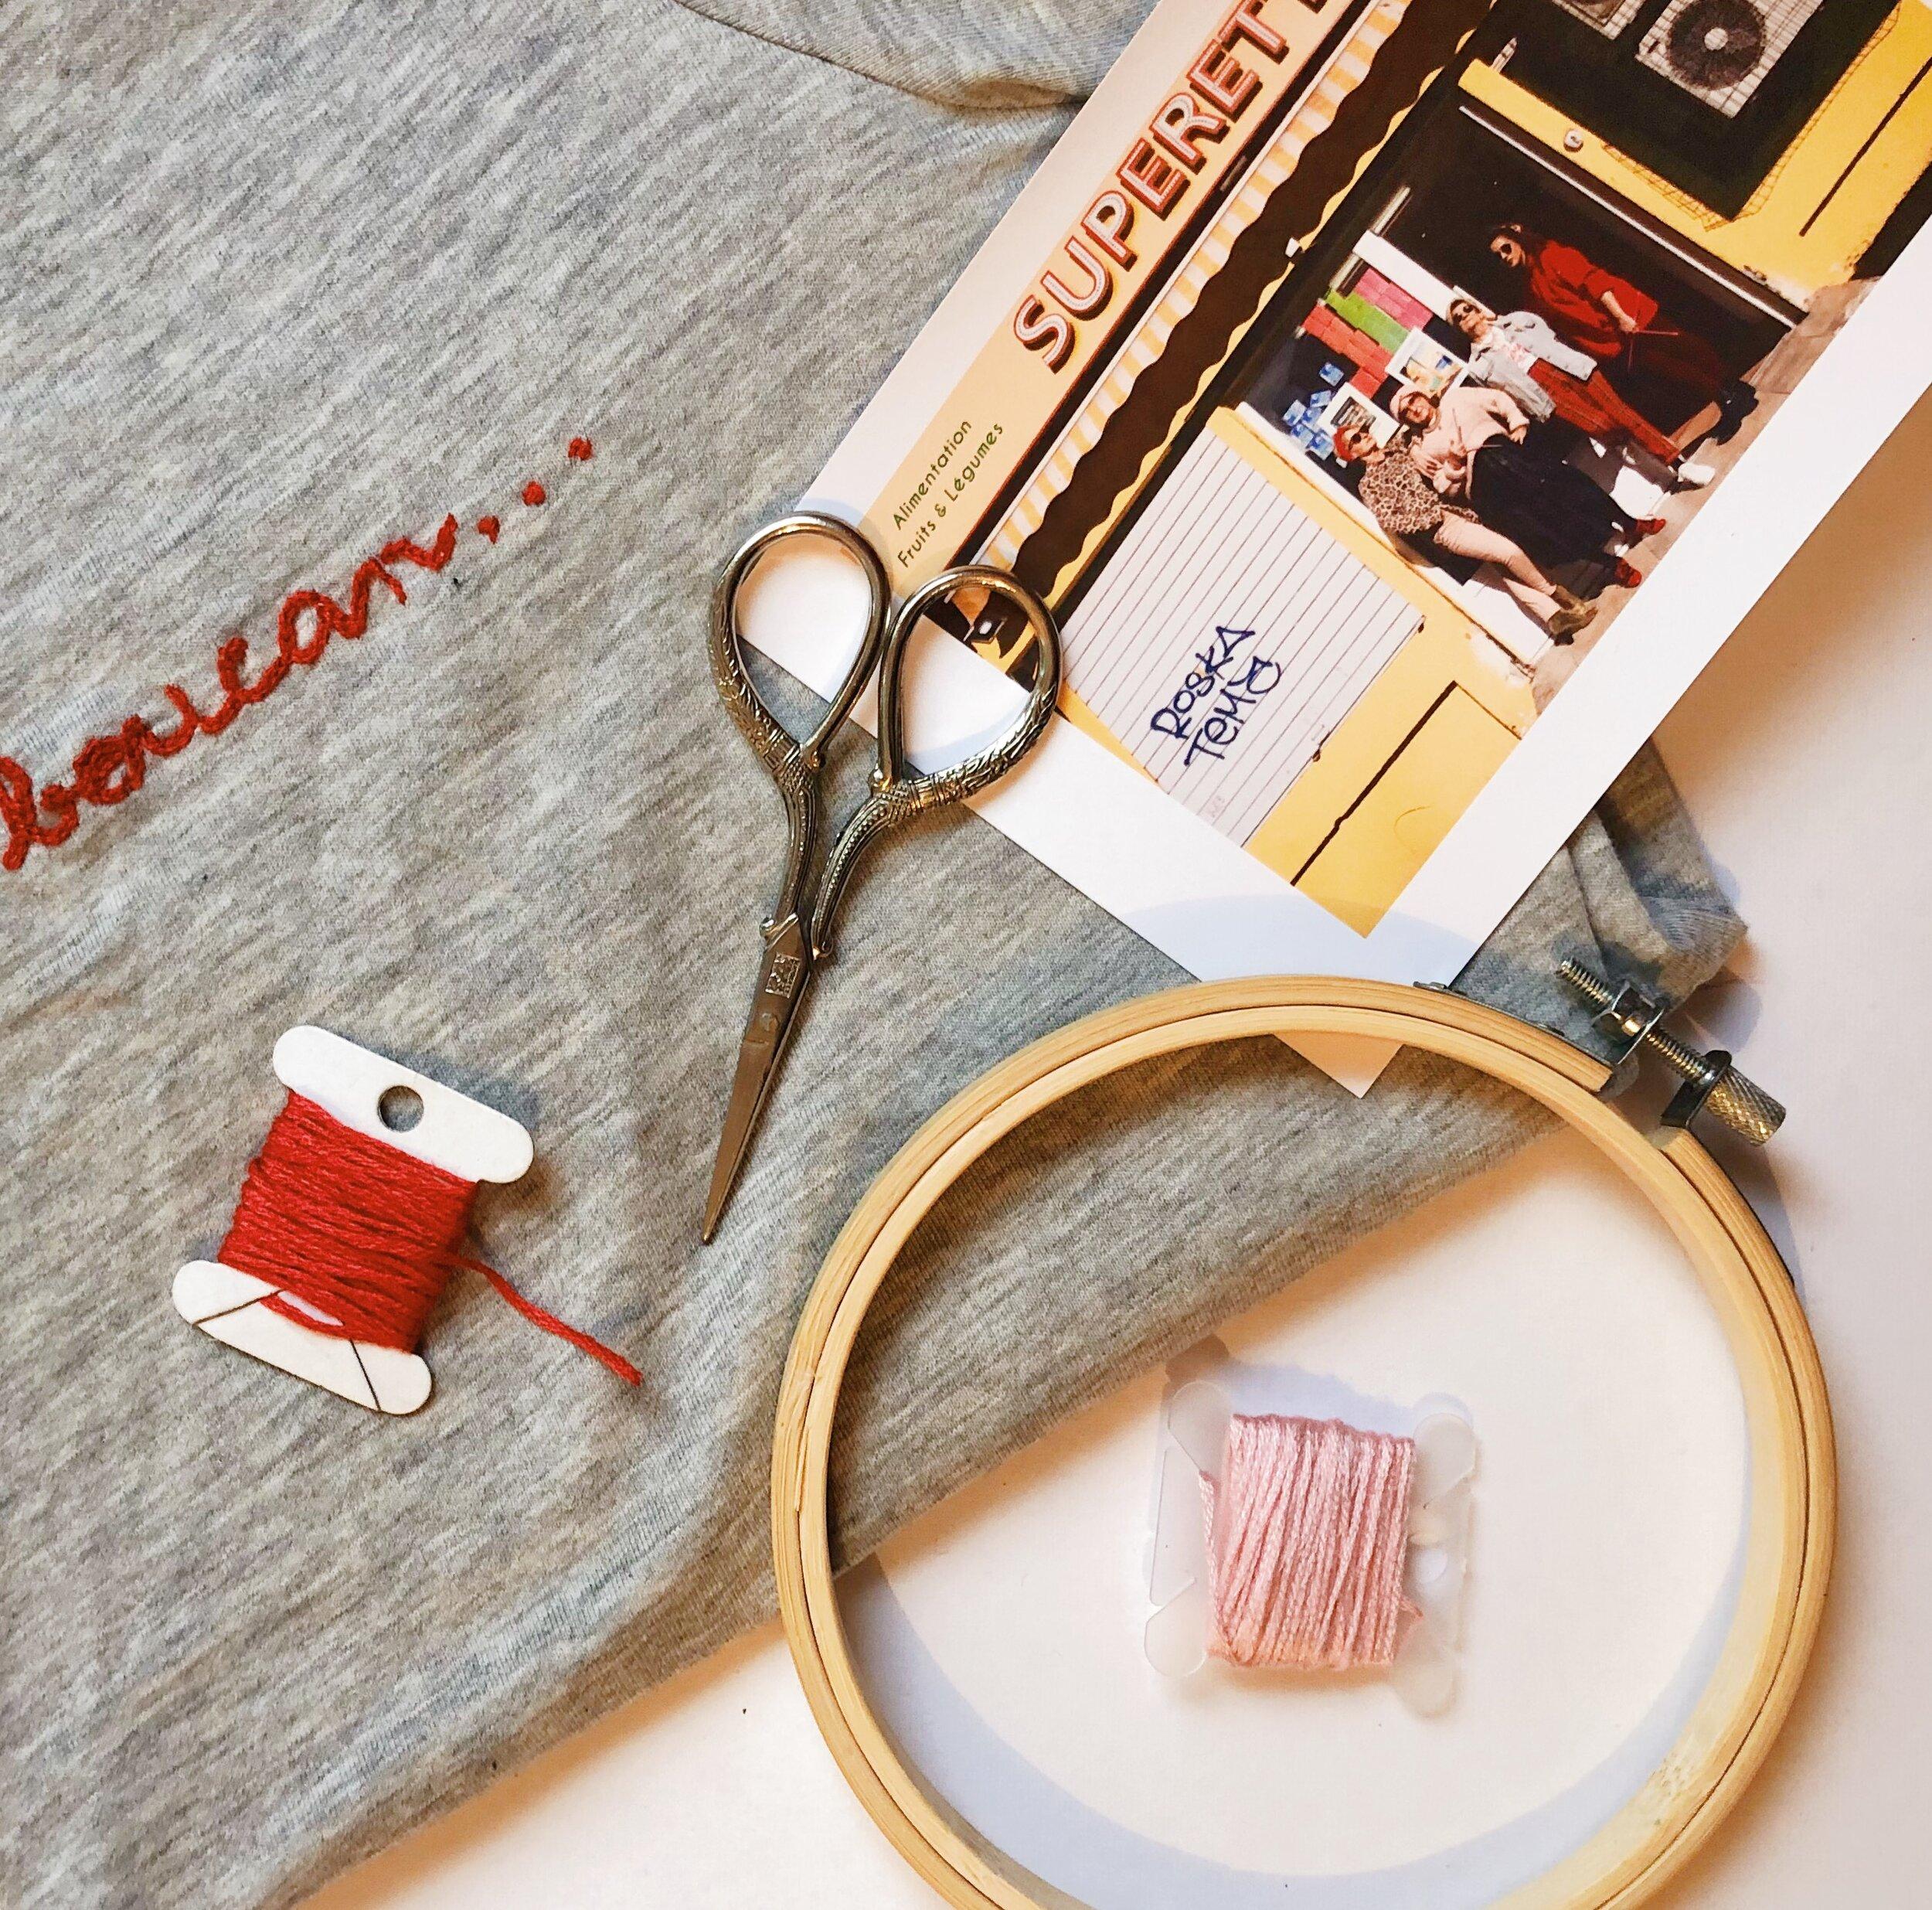 atelier-broderie-customisation-tshirt-mainsdemamie.JPG